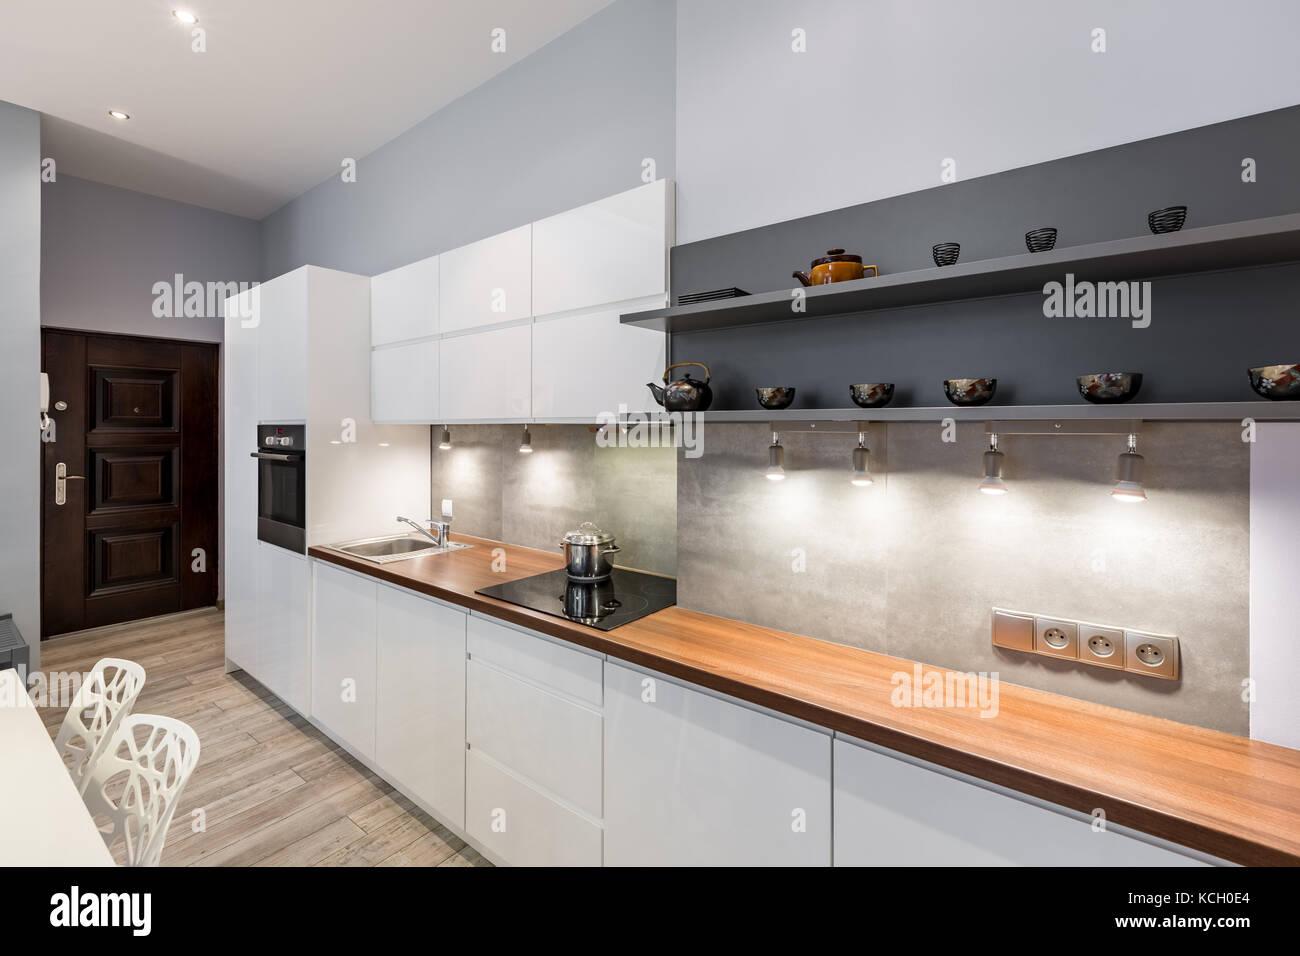 Cucine Con Bancone In Legno : Bianco contemporanea cucina con bancone in legno e illuminazione a